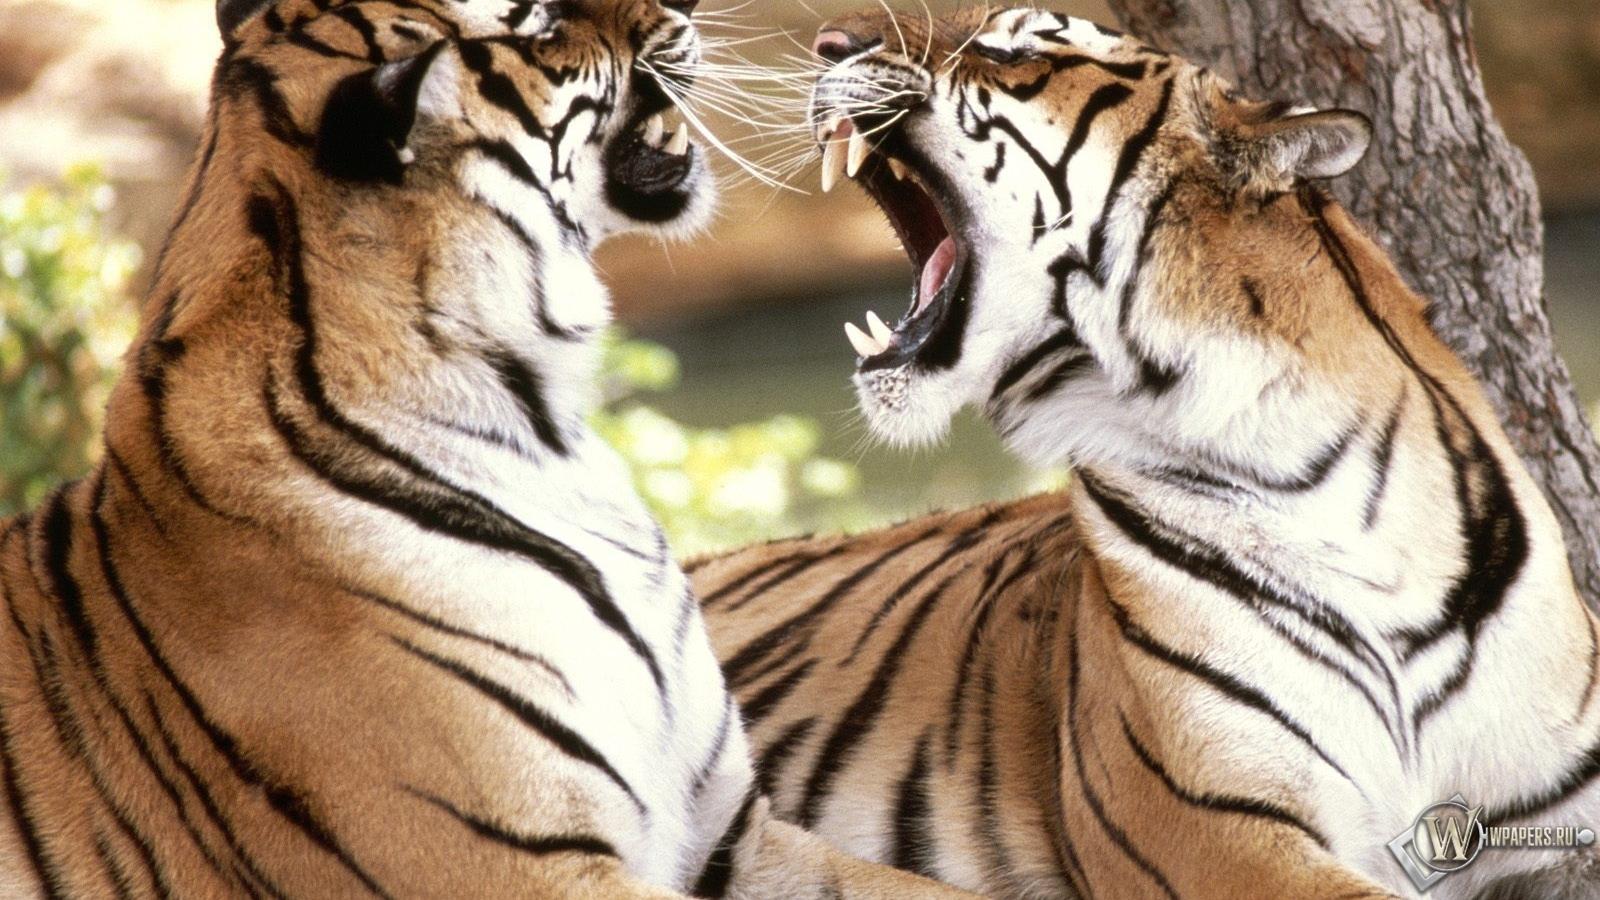 Обои два тигра спорят тигры чувства